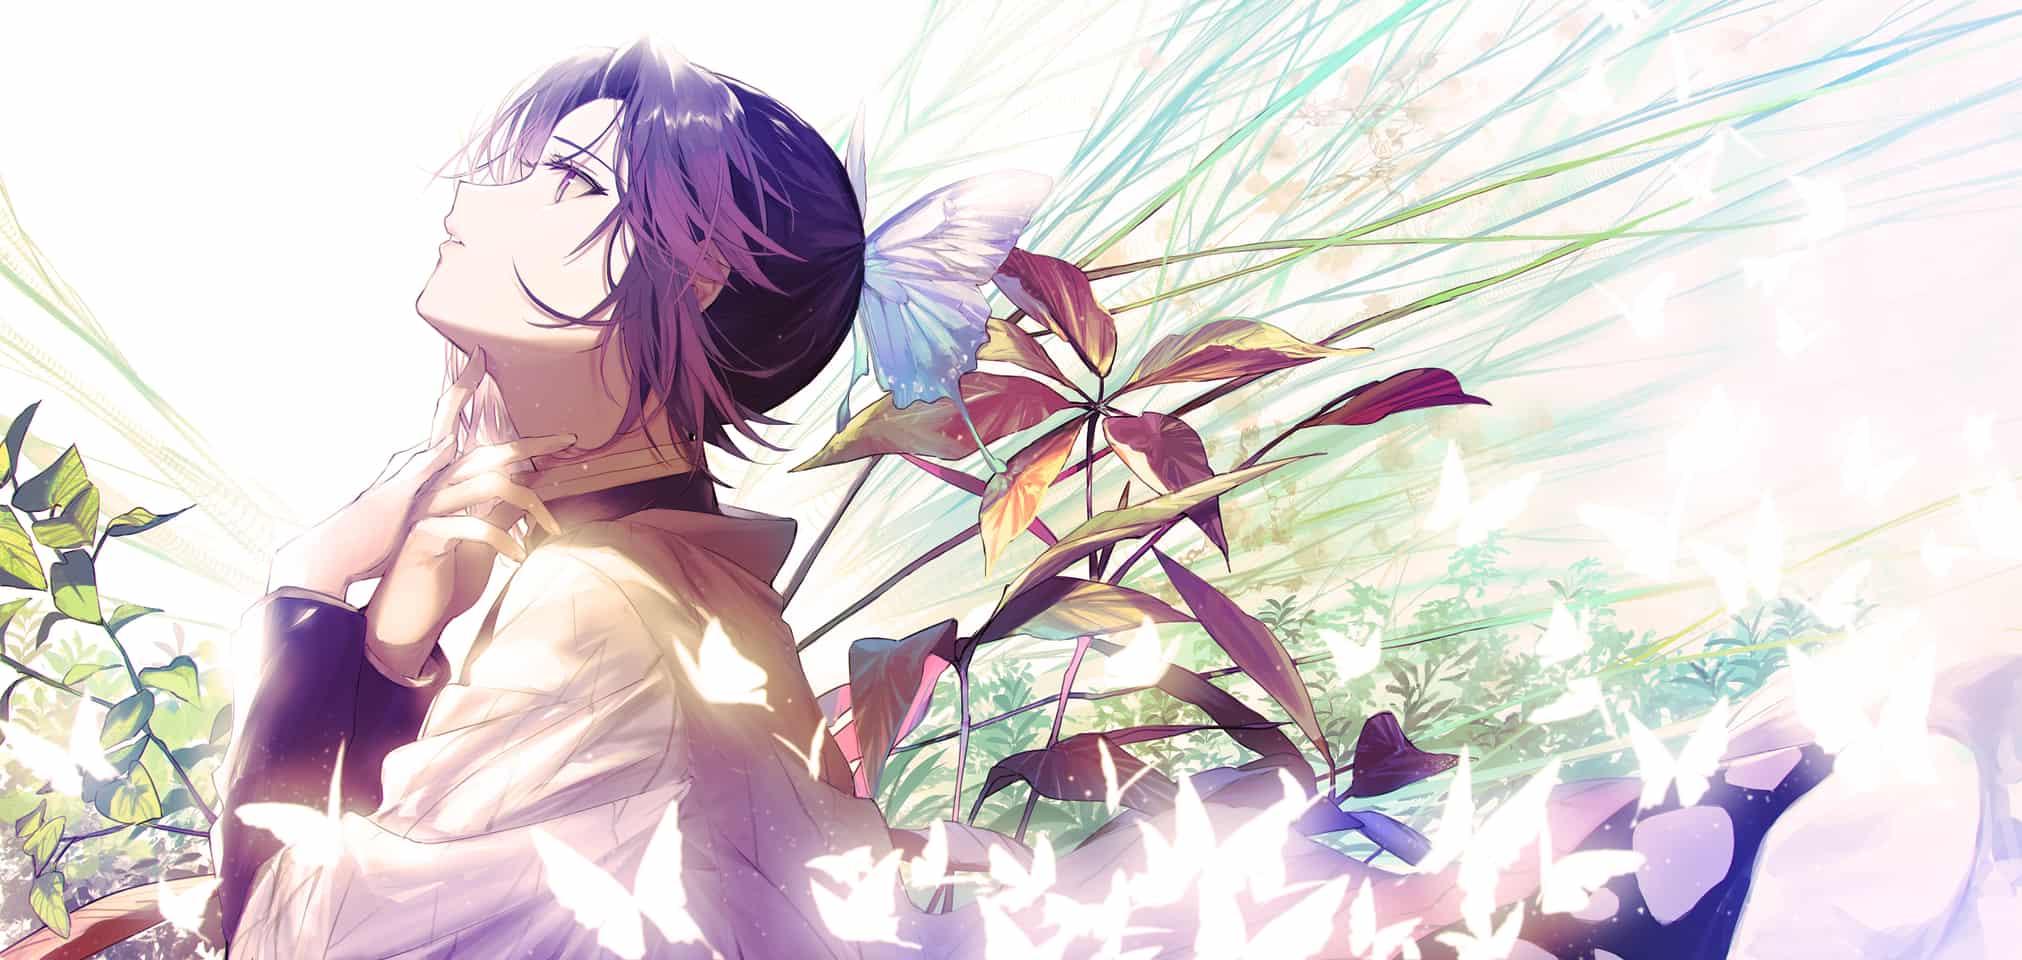 胡蝶の夢 Illust of :/XUEFEI DemonSlayerFanartContest KimetsunoYaiba KochouShinobu